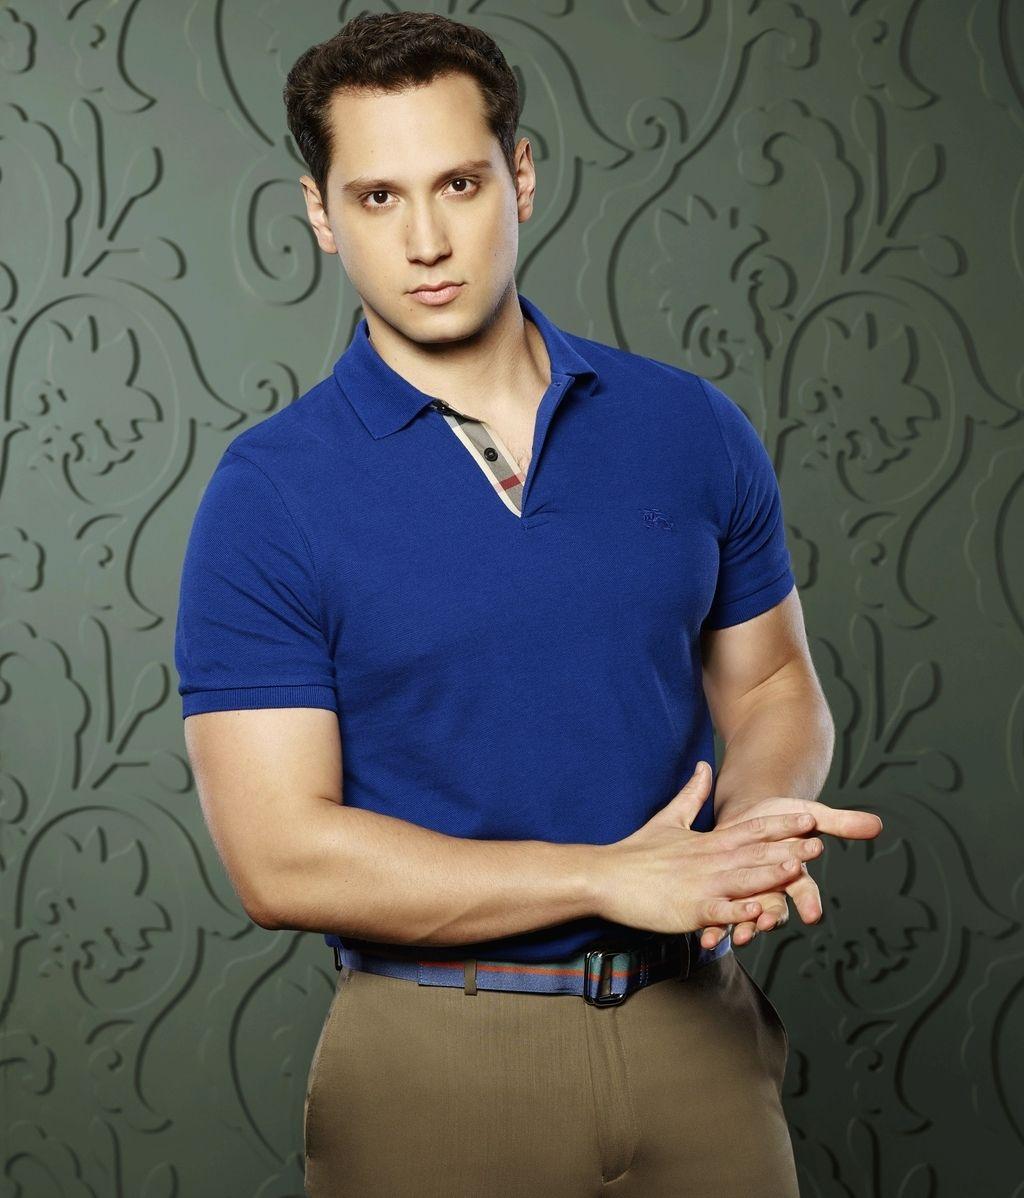 Matt McGorry es Asher Millstone, el sabelotodo de la universidad integrante de la exclusiva Ivy League